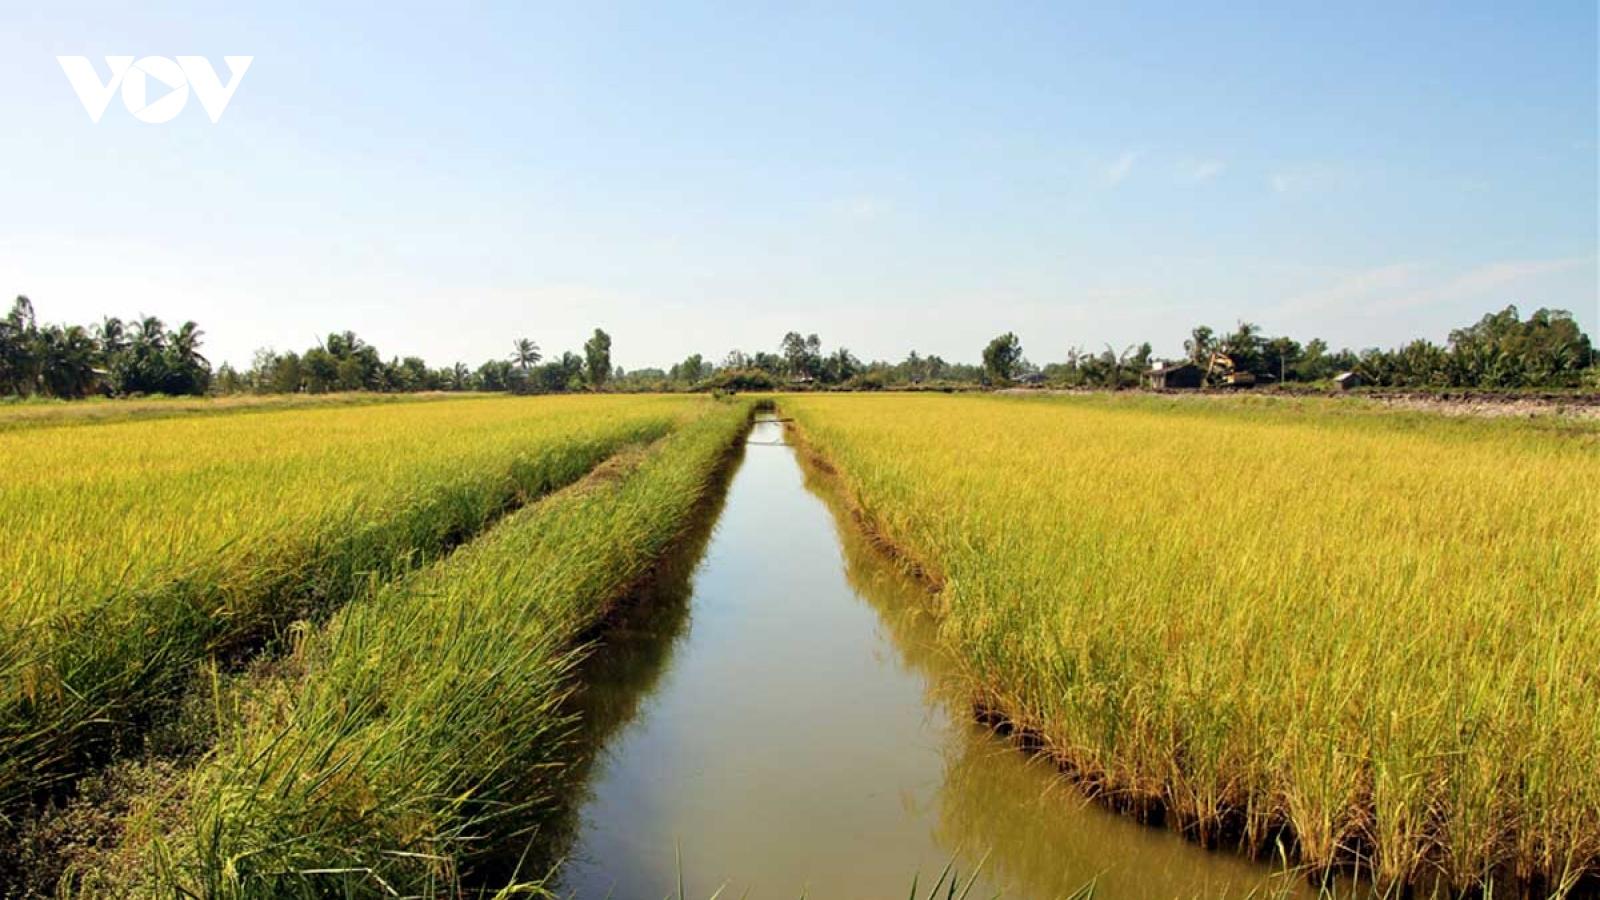 Nông nghiệp là nền tảng và trụ đỡ cho nền kinh tế